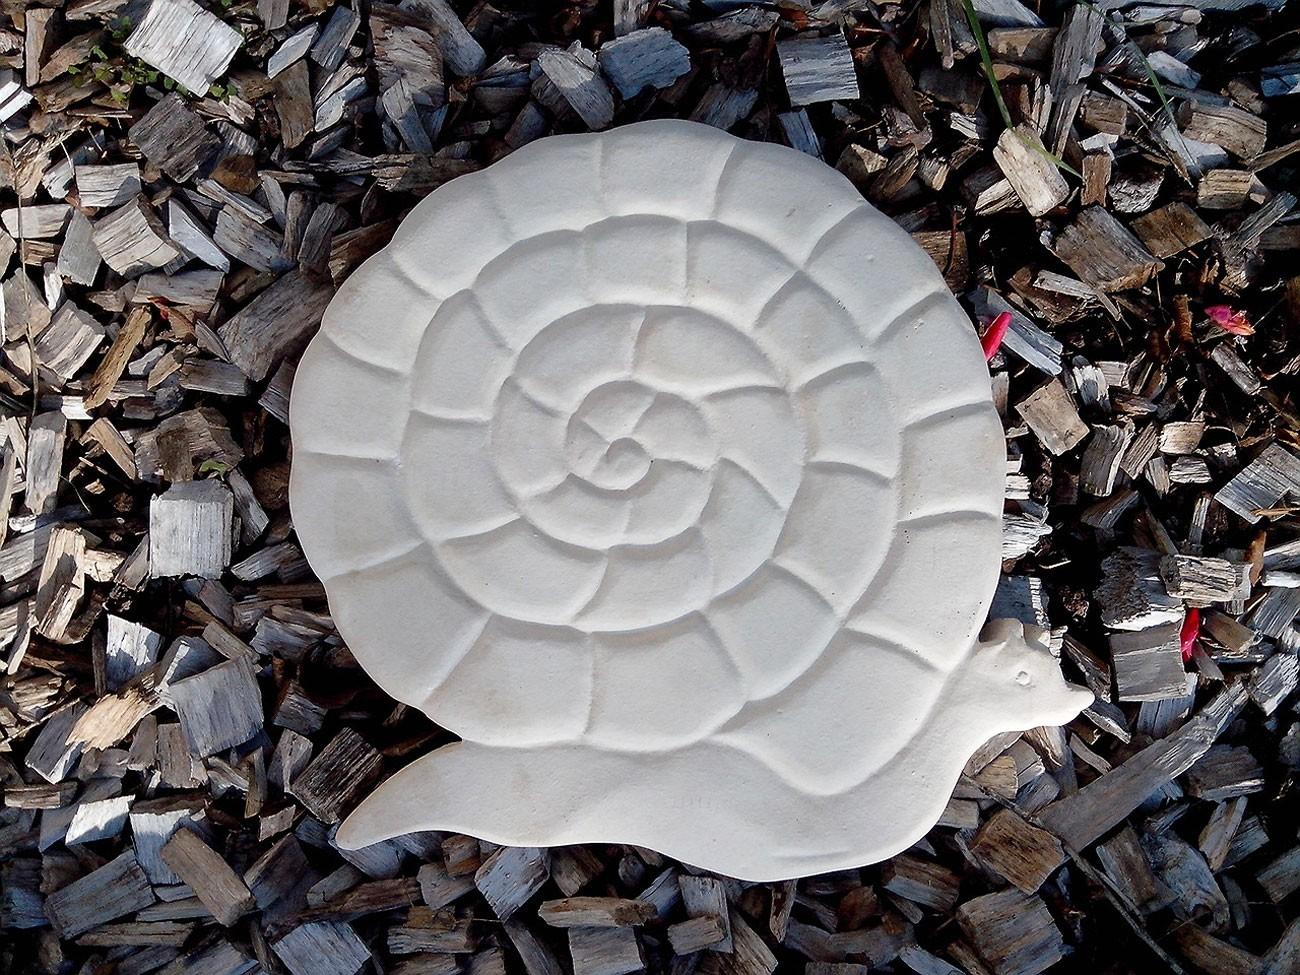 Pas japonais de jardin en pierre reconstituée animaux escargot blanc ...